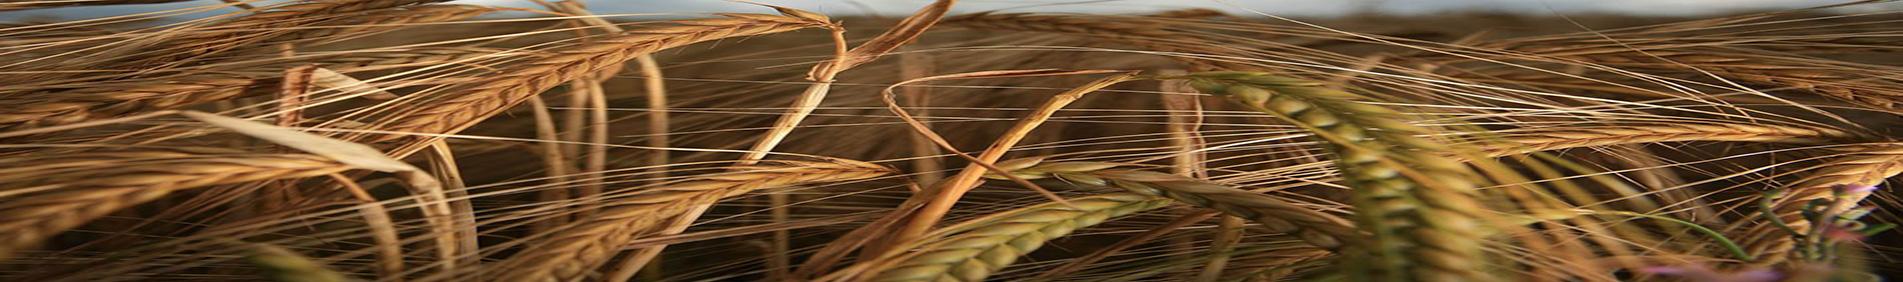 A cevada fornece uma farinha alimentícia e o produto resultante da germinação artificial dos grãos é utilizado na fabricação da cerveja e de outros produtos.  A cevada é ainda empregada em alimentação animal como forragem verde e na fabricação de ração.